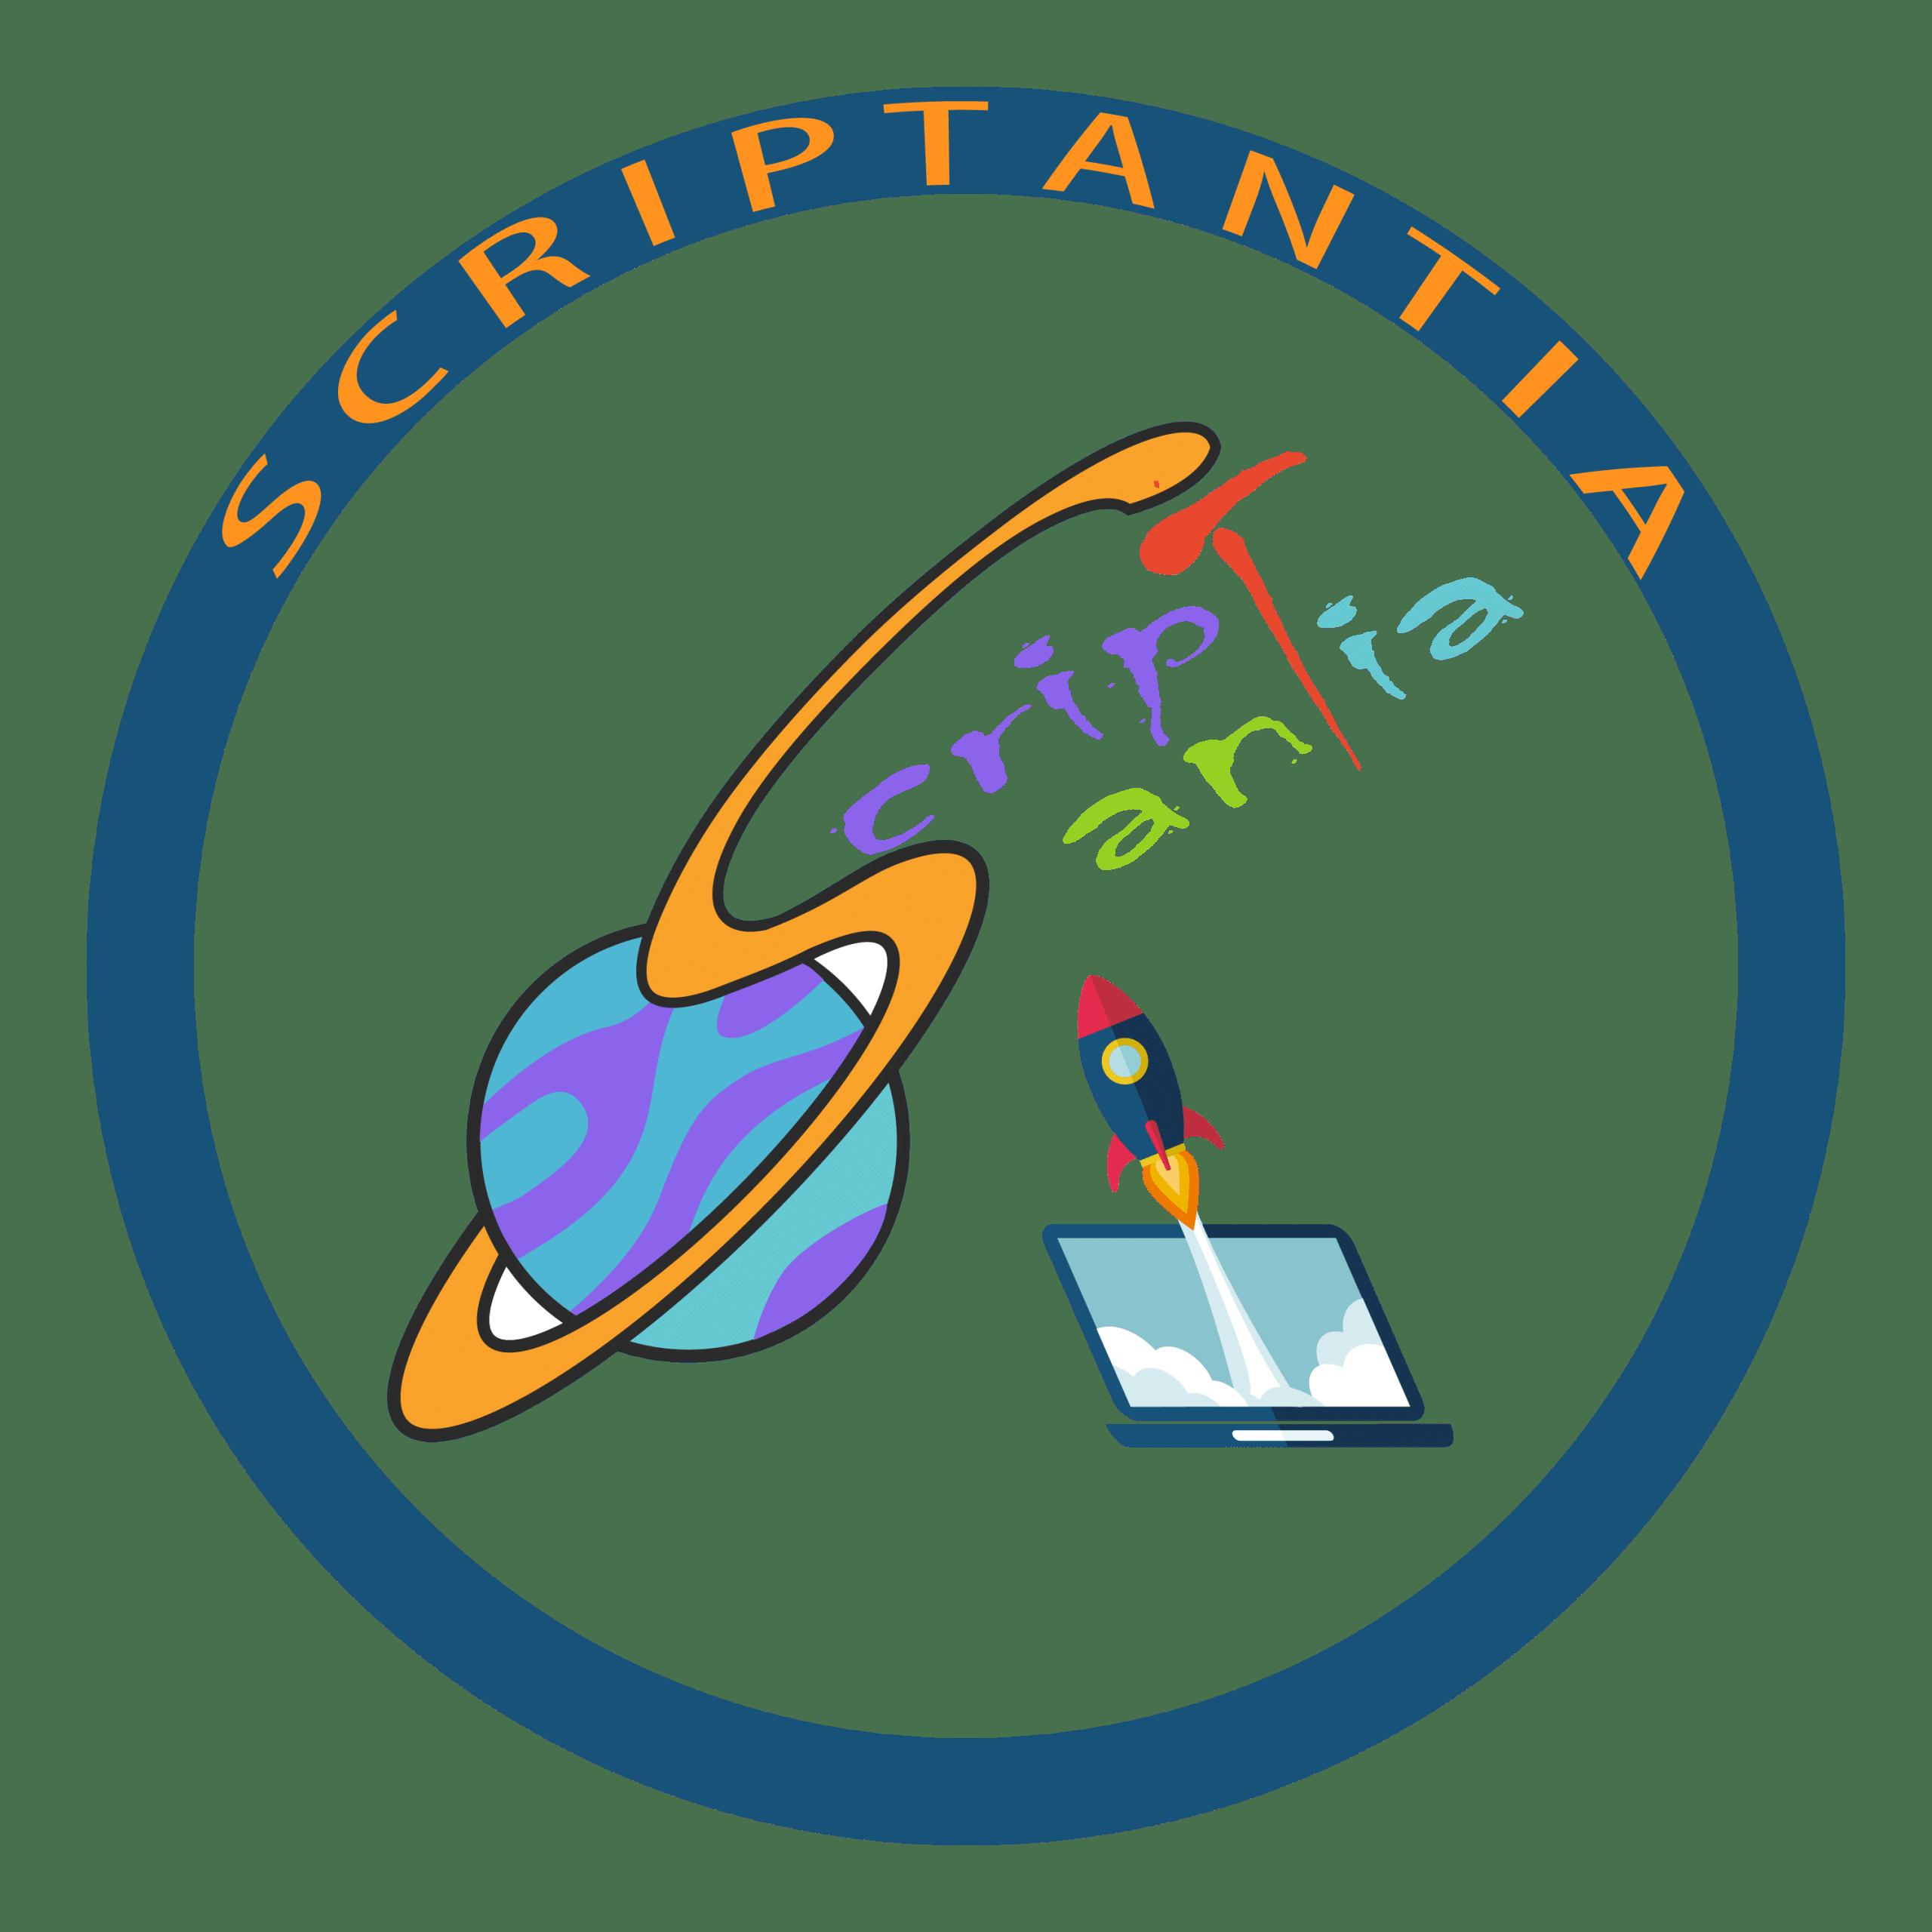 Scriptantia